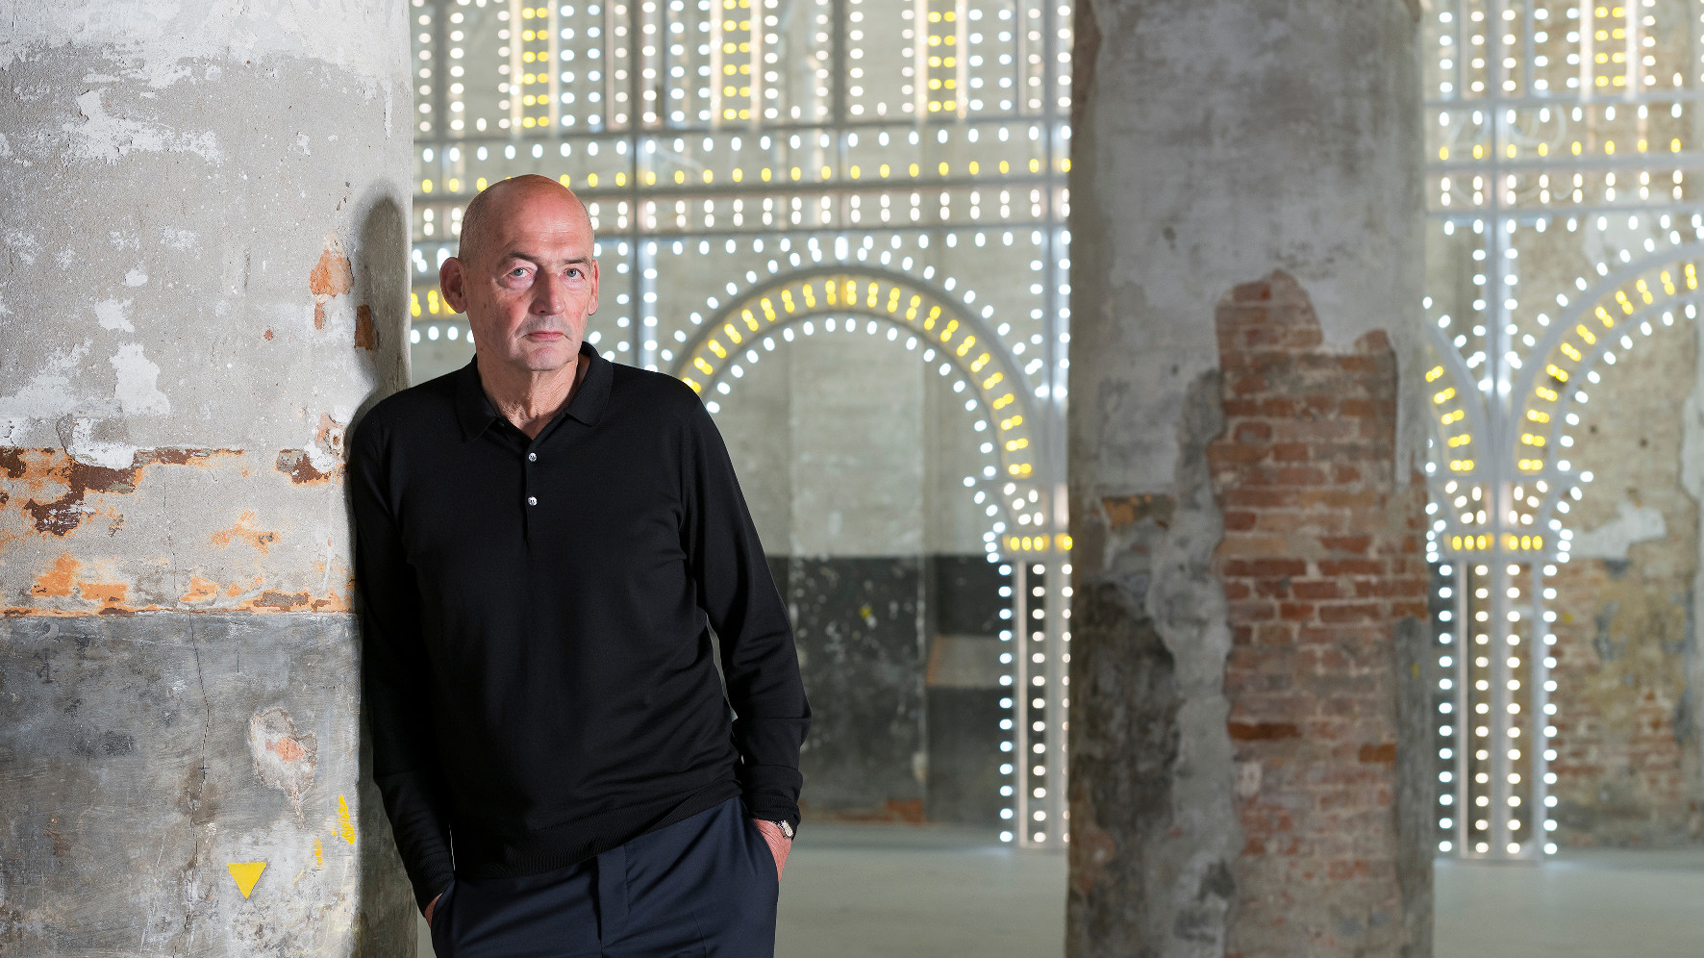 donald-trump-election_rem-koolhaas_design-miami_dezeen_hero